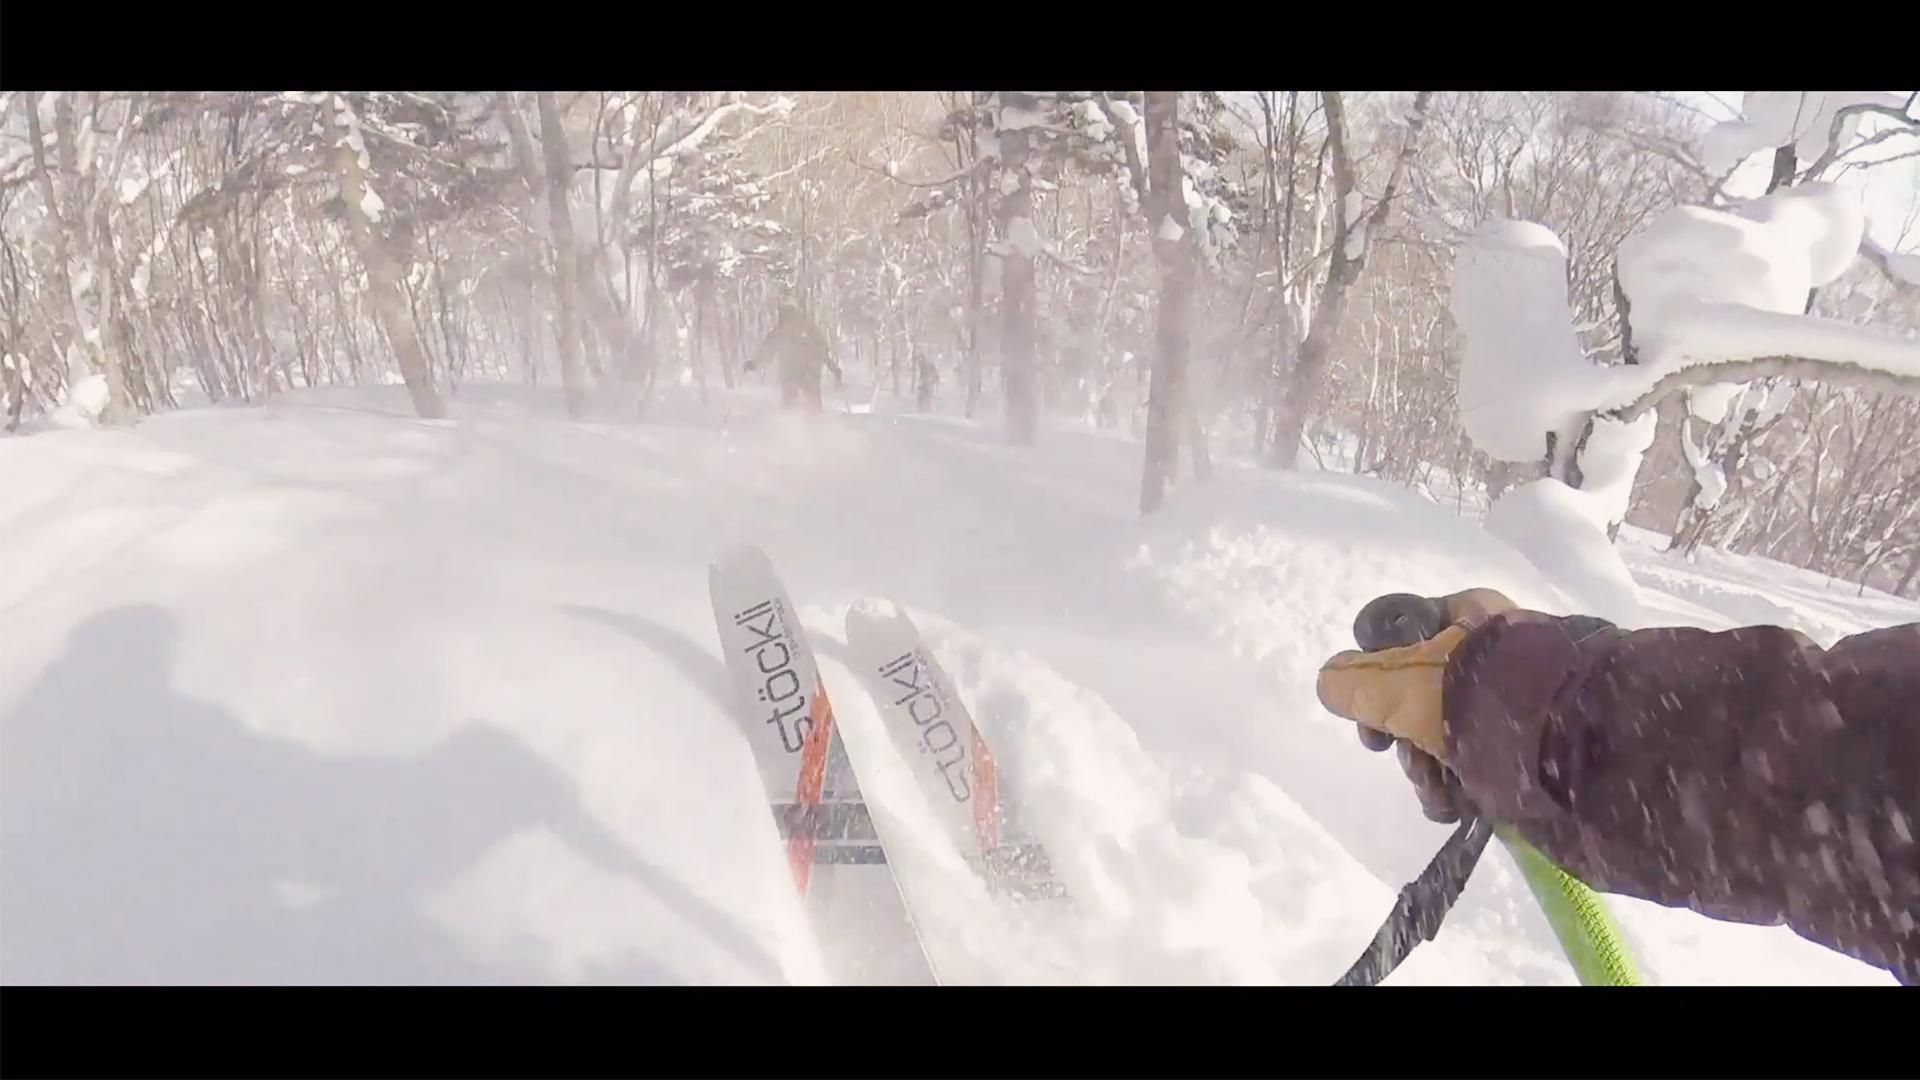 【スキー】1819シーズンの安比ツリーランエリア滑走シーンをまとめてみましたー|Appi Kogen 滑雪 앗 피고 원 스키|Takehiro Saito